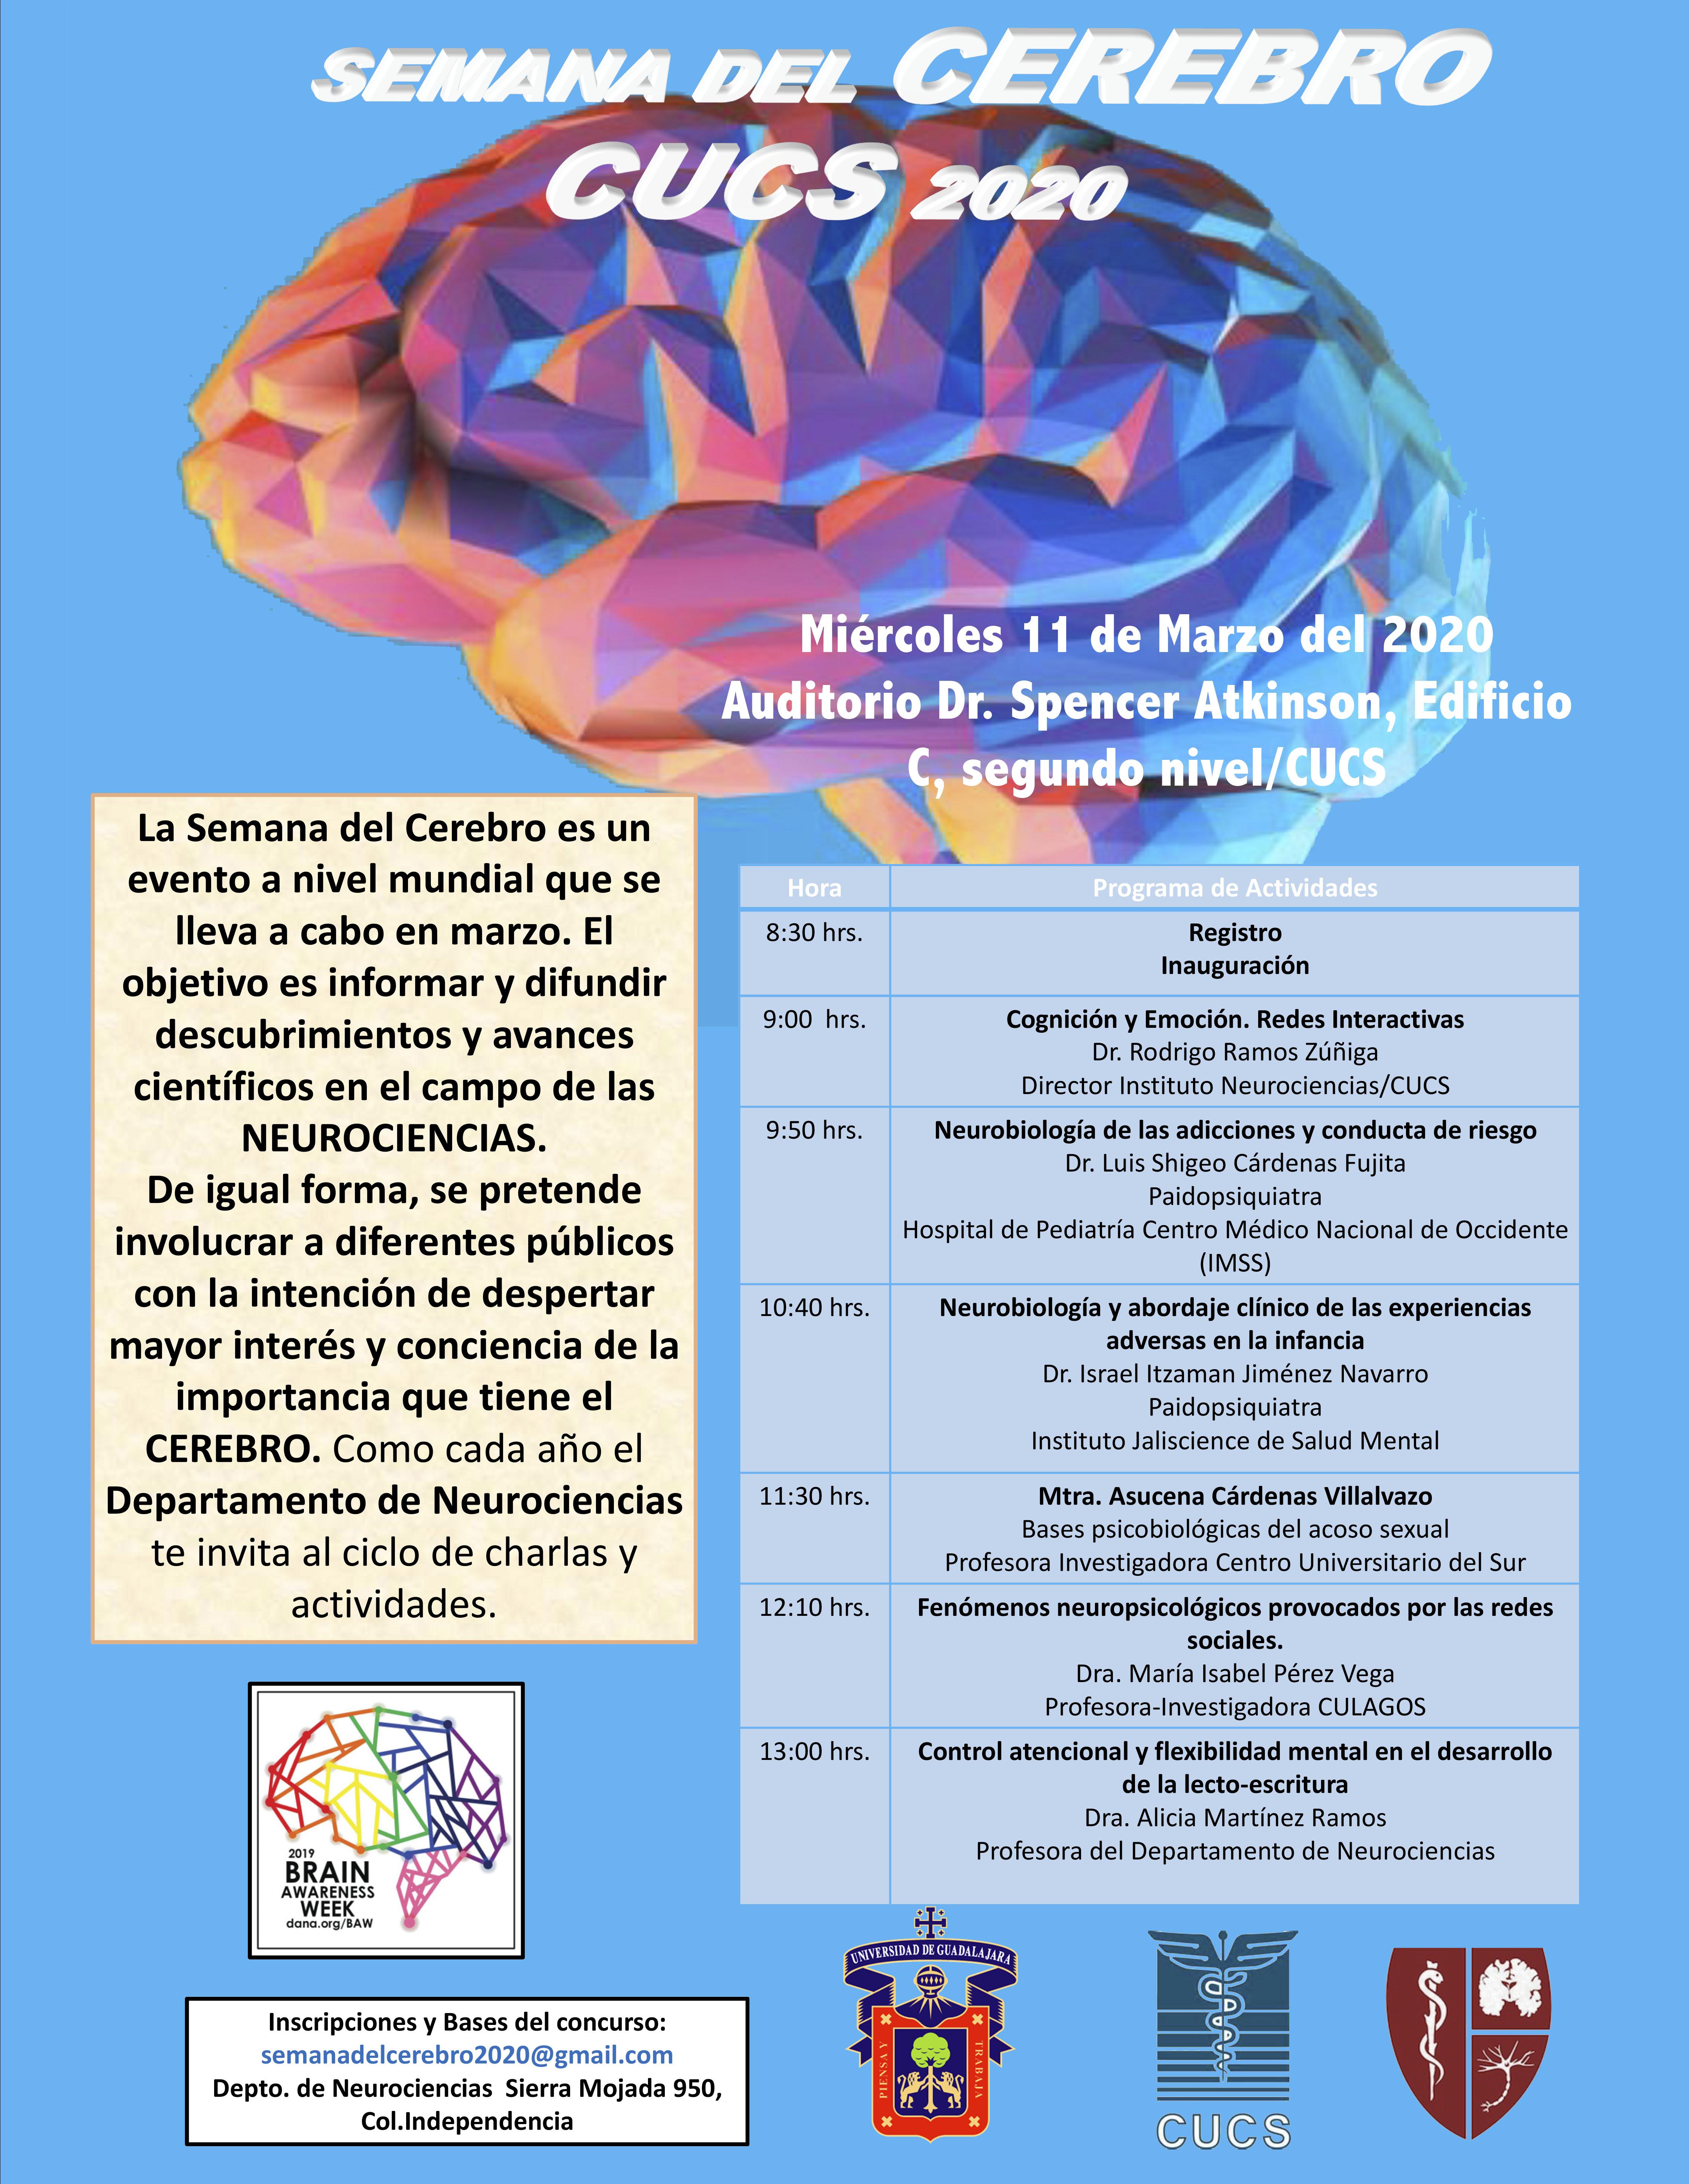 Semana del Cerebro CUCS 202 a llevarse a cabo el 11 de marzo a las 8:30 horas.